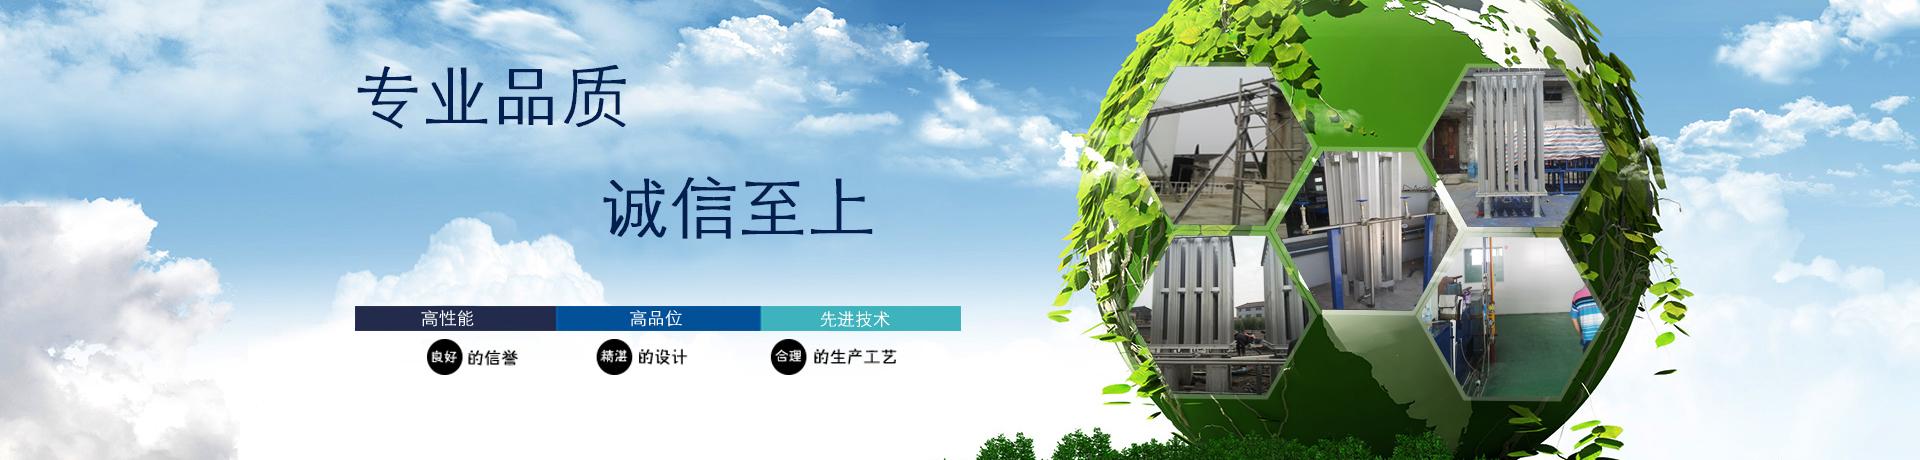 丹阳市凯特气体设备有限公司